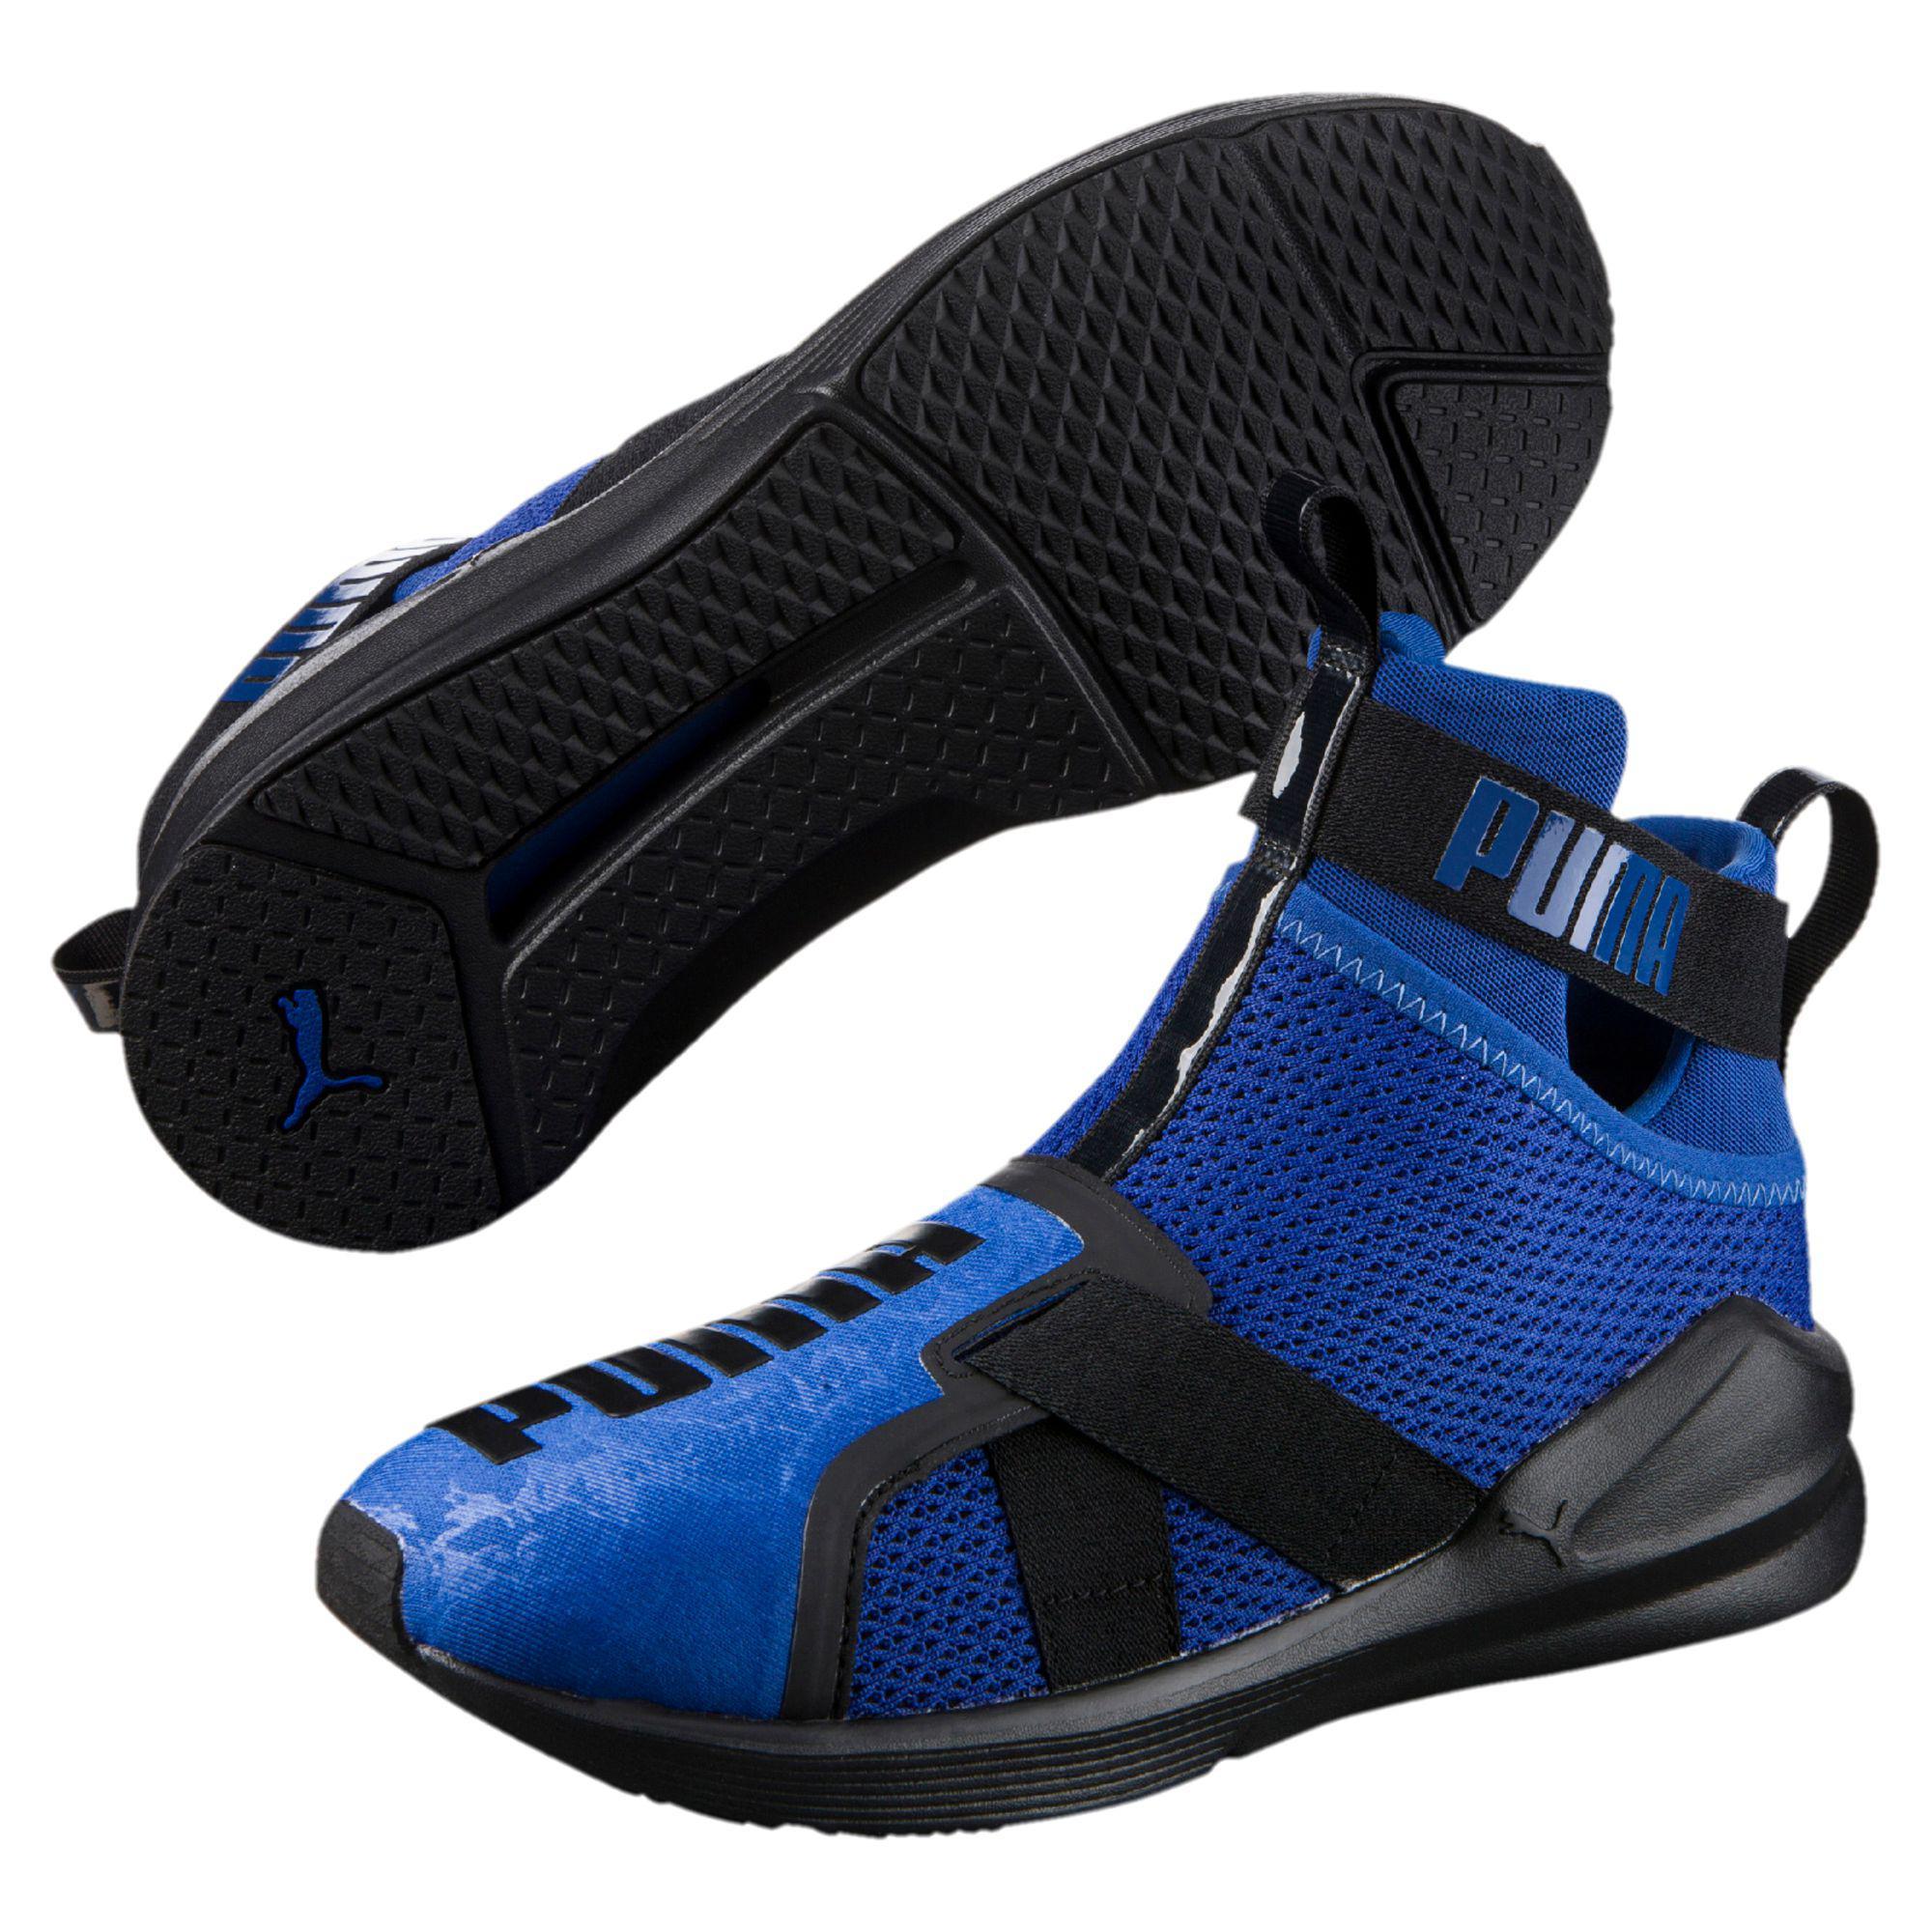 bd2ddb74a1b Lyst - PUMA Fierce Strap Women s Training Shoes in Blue